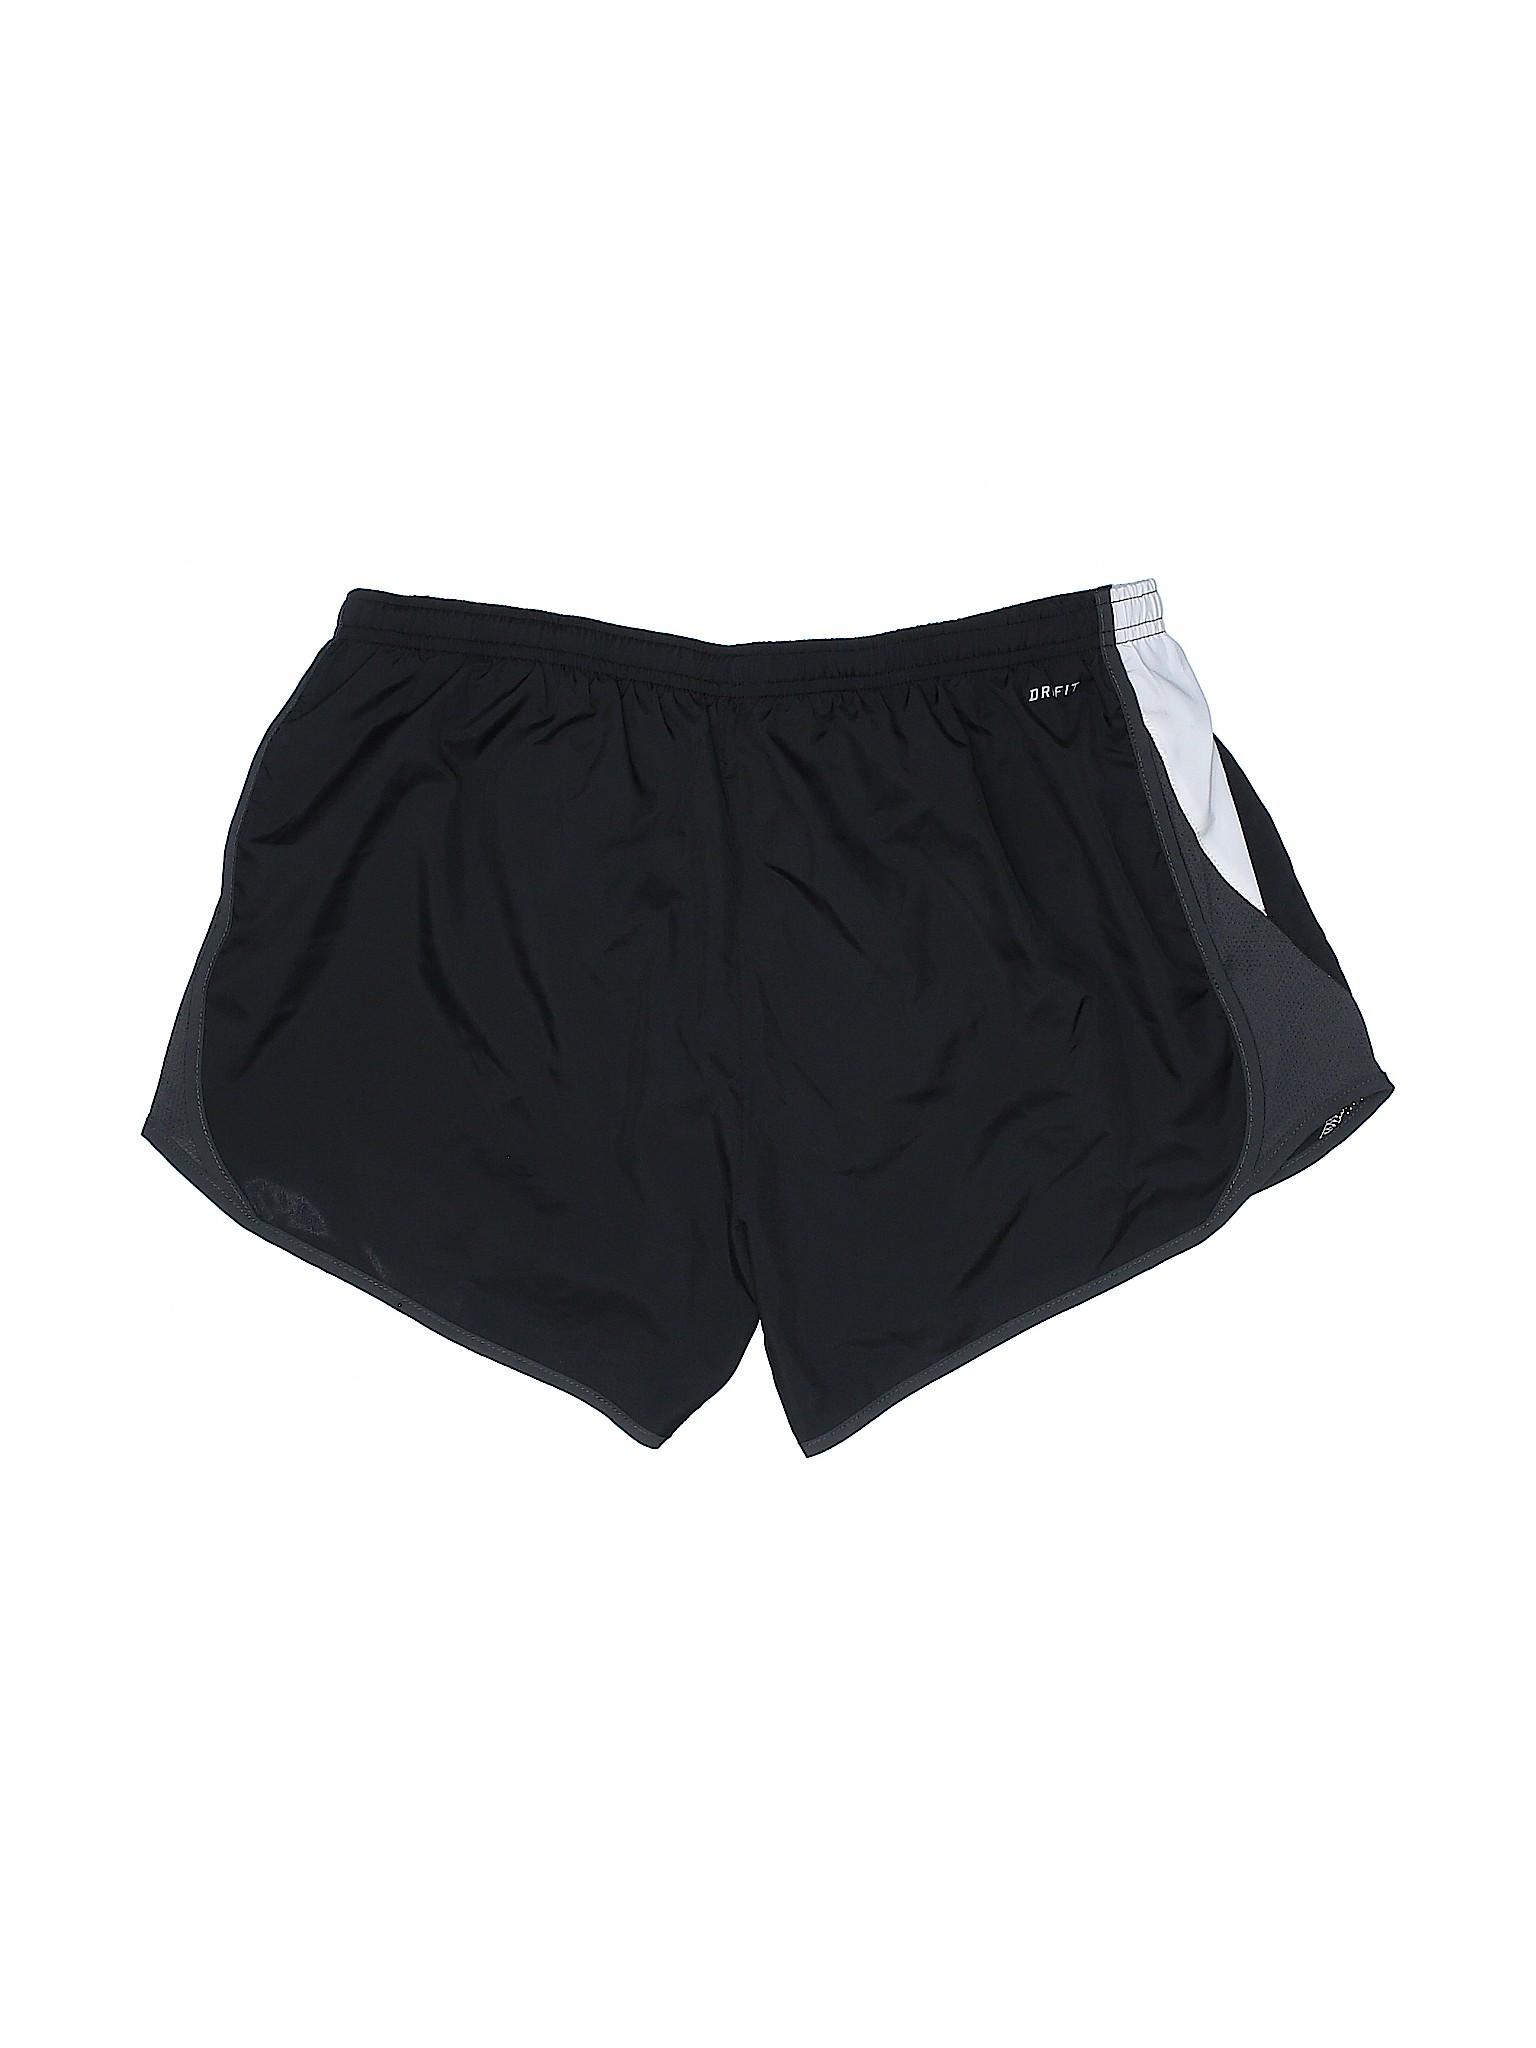 Boutique Shorts Athletic Shorts Boutique Nike Athletic Athletic Shorts Athletic Boutique Nike Boutique Nike Nike UYwzATnq0x